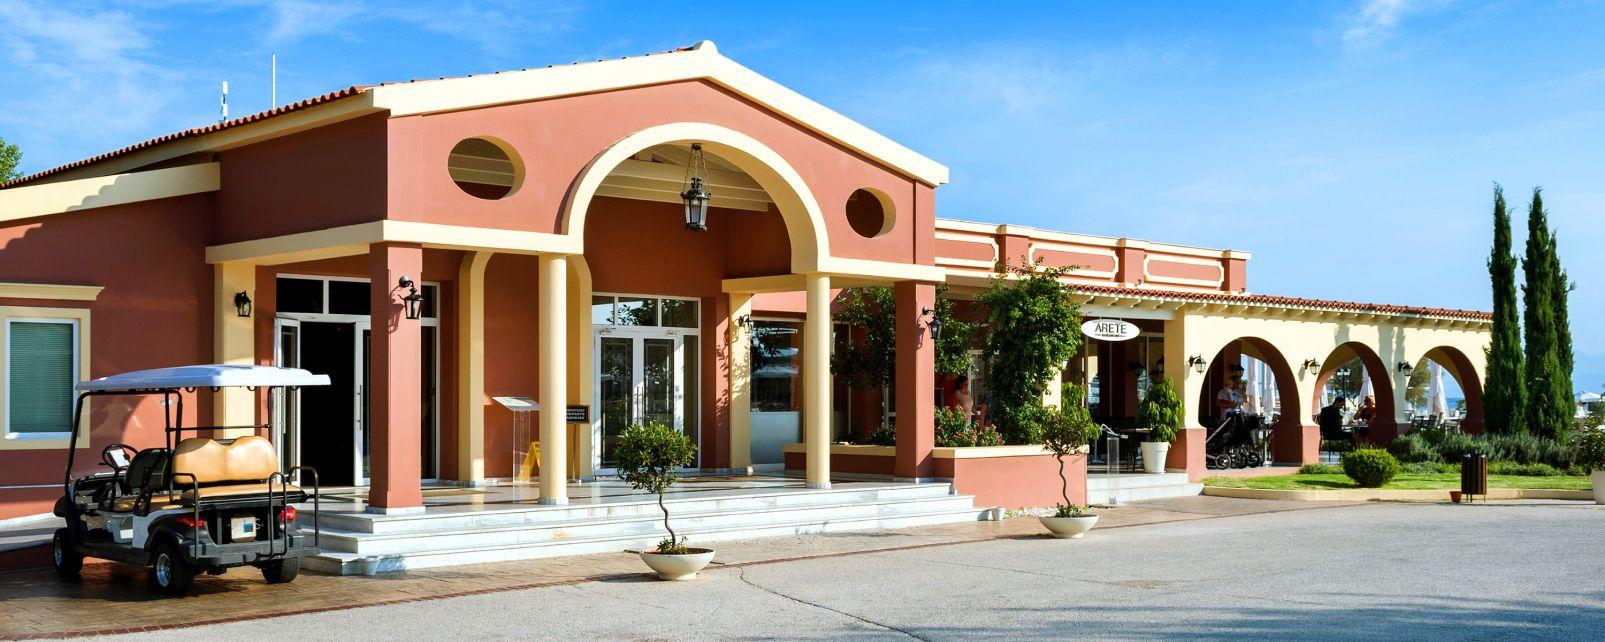 Club Lookéa Capo Di Corfu